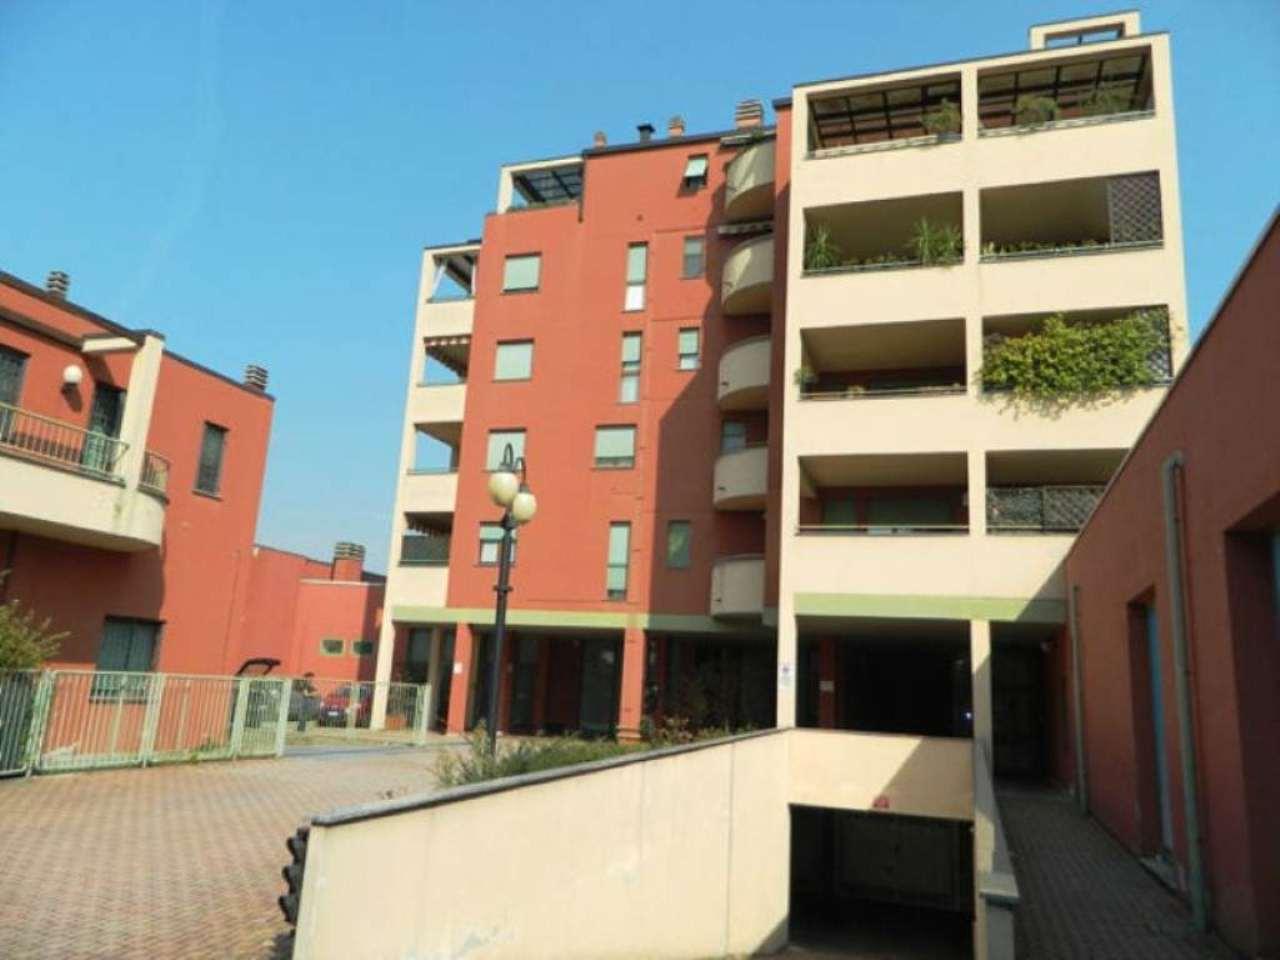 Bilocale Monza Via Foscolo 13